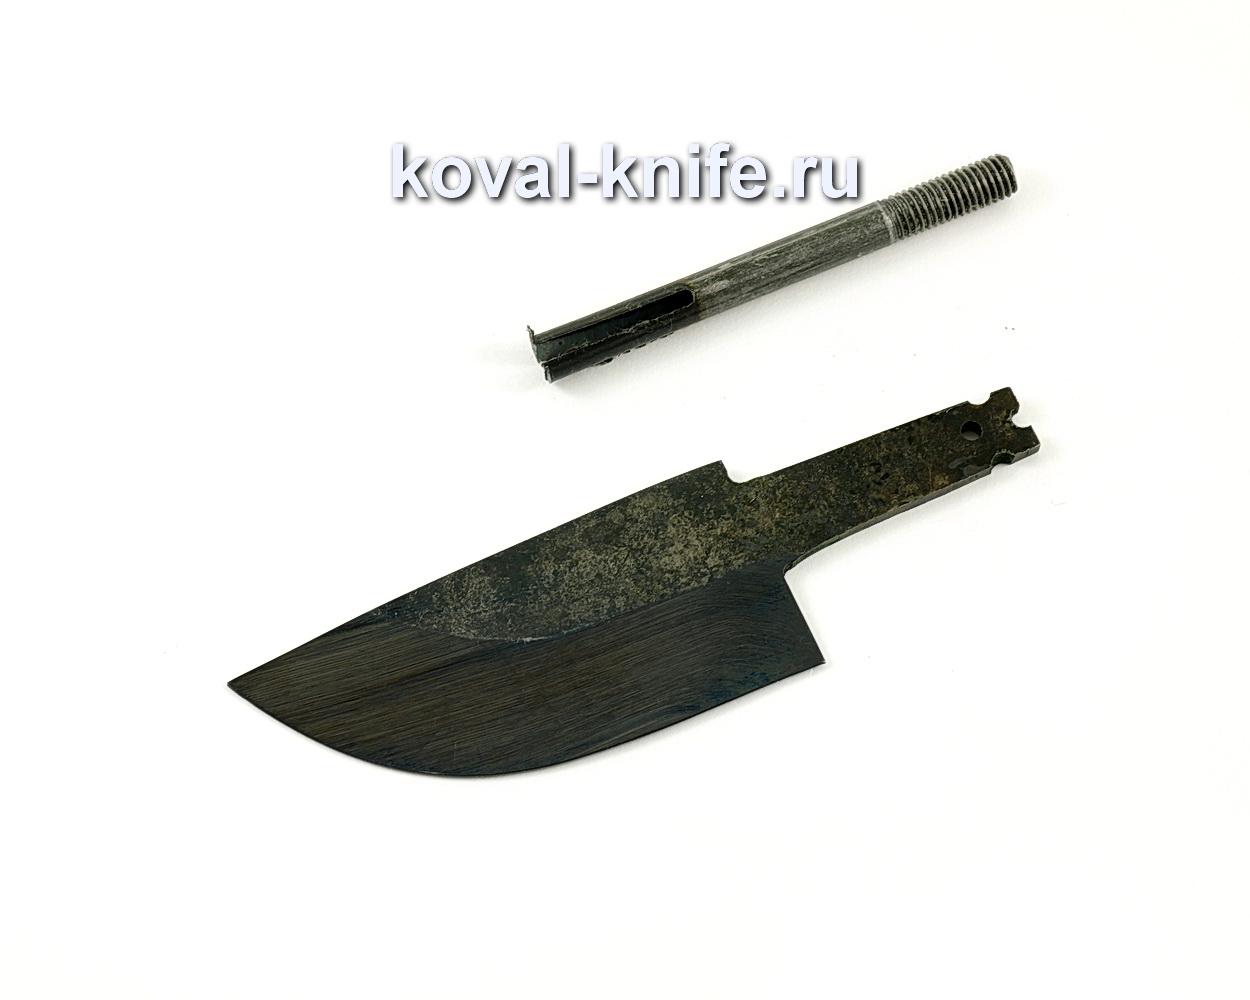 Клинок для ножа Скин (кованая У10А)